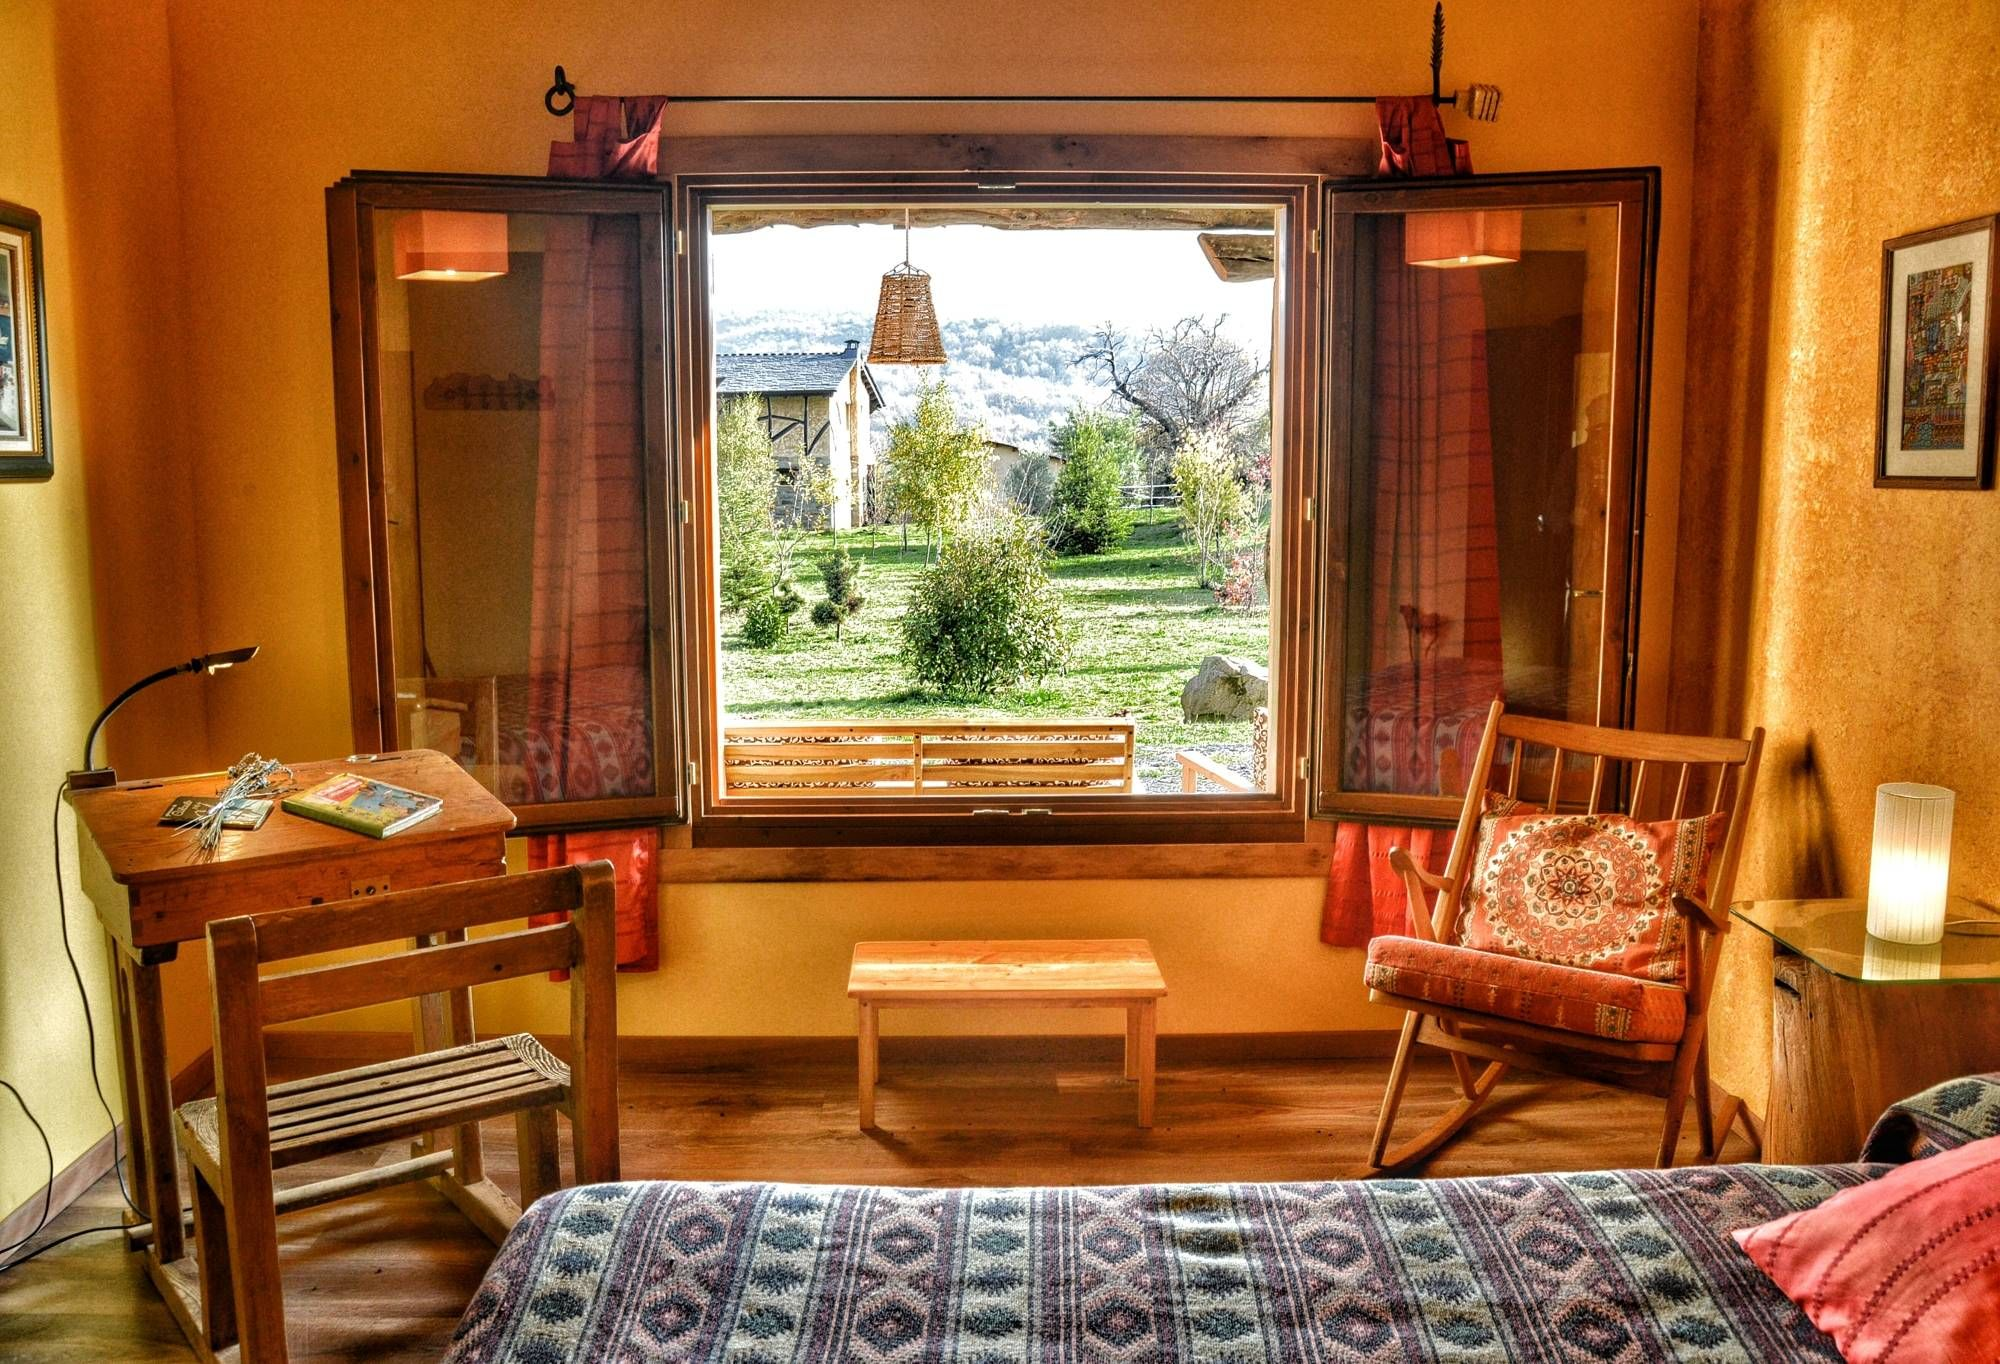 El Mayulón - Casa rural El Encanto -Casas rurales con Magia y Encanto - Una ventana al Bierzo